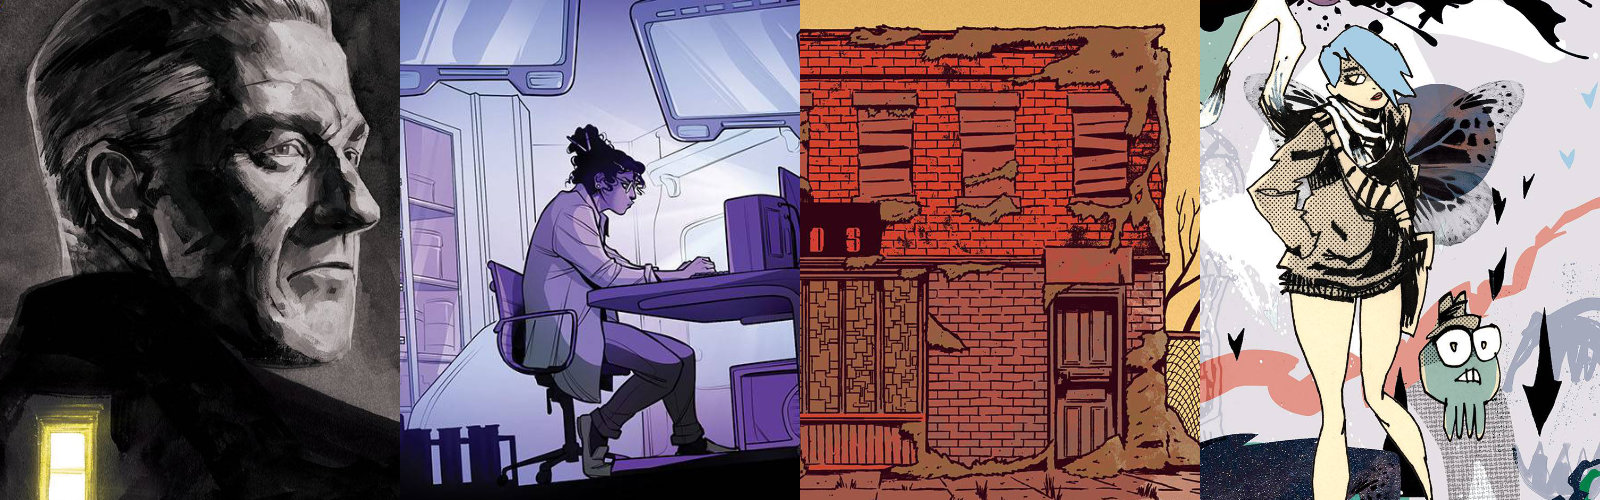 Solicitations: November 2021 – Image Comics